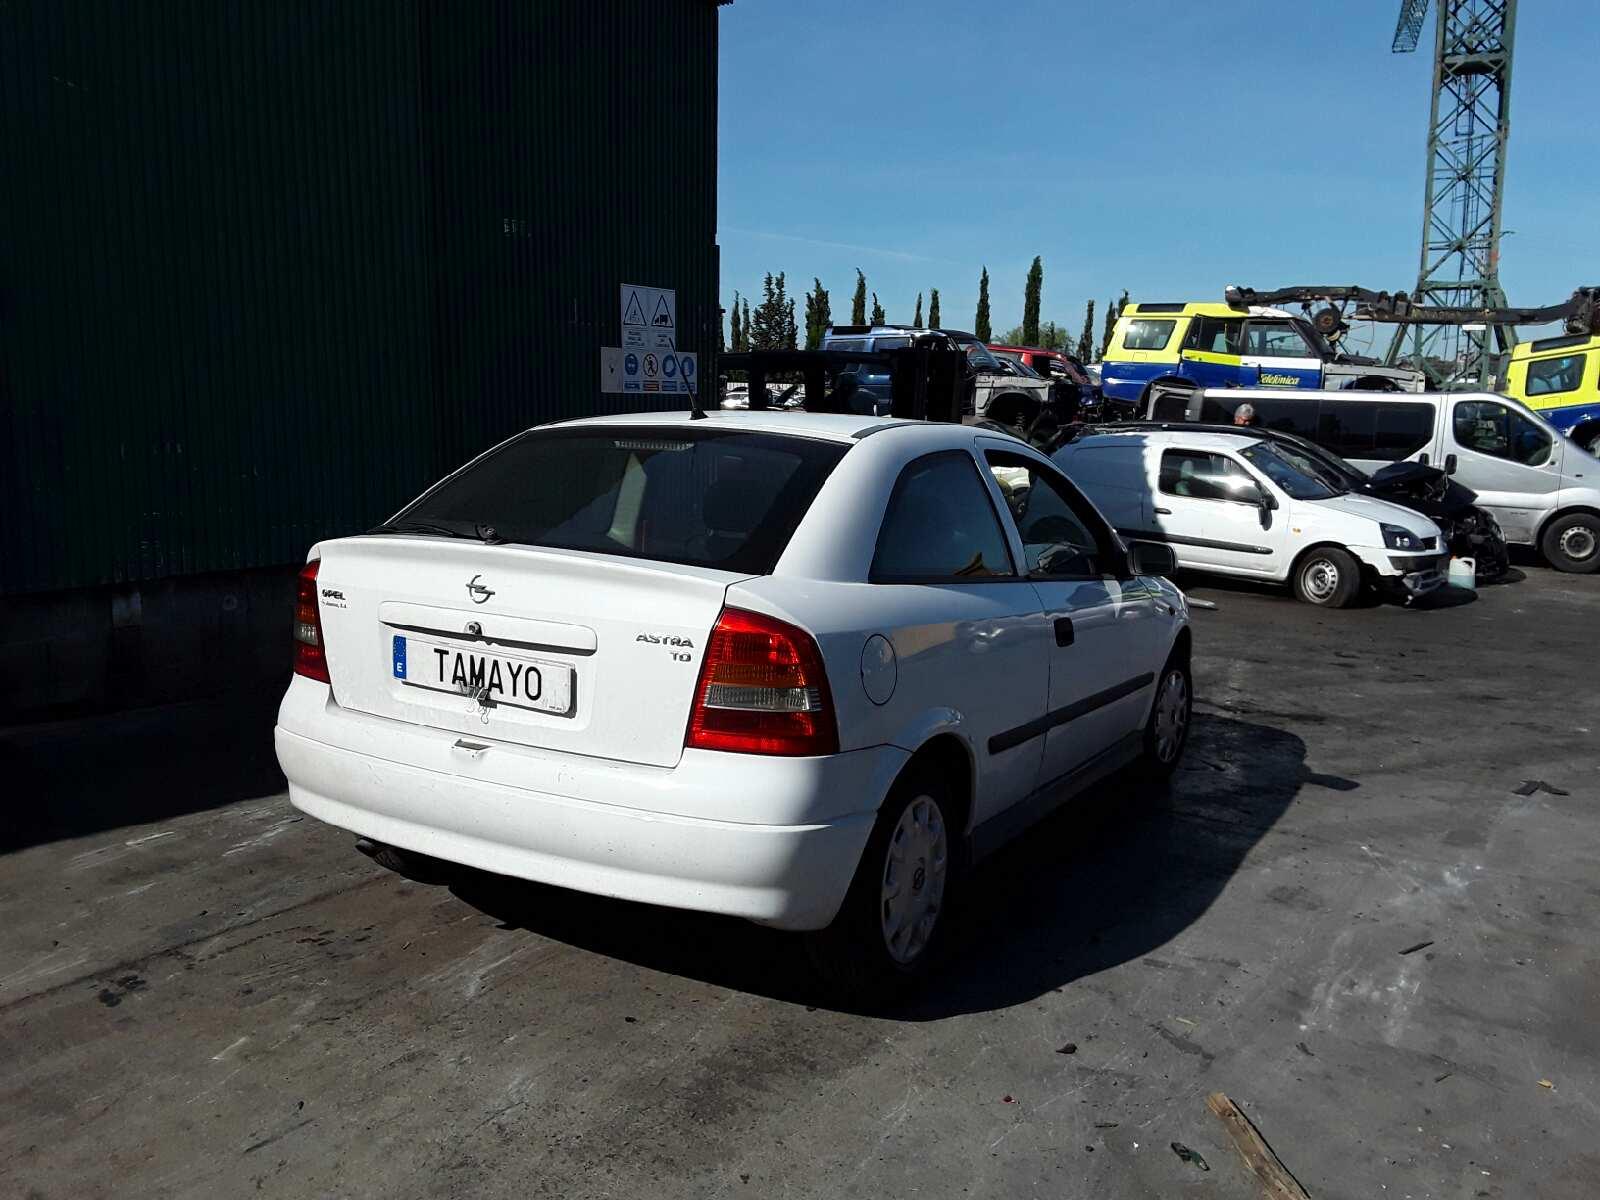 manual gearbox opel astra f 56 57 1 7 td 876067 rh b parts com Opel Astra F Caravan Piese Auto Opel Astra F